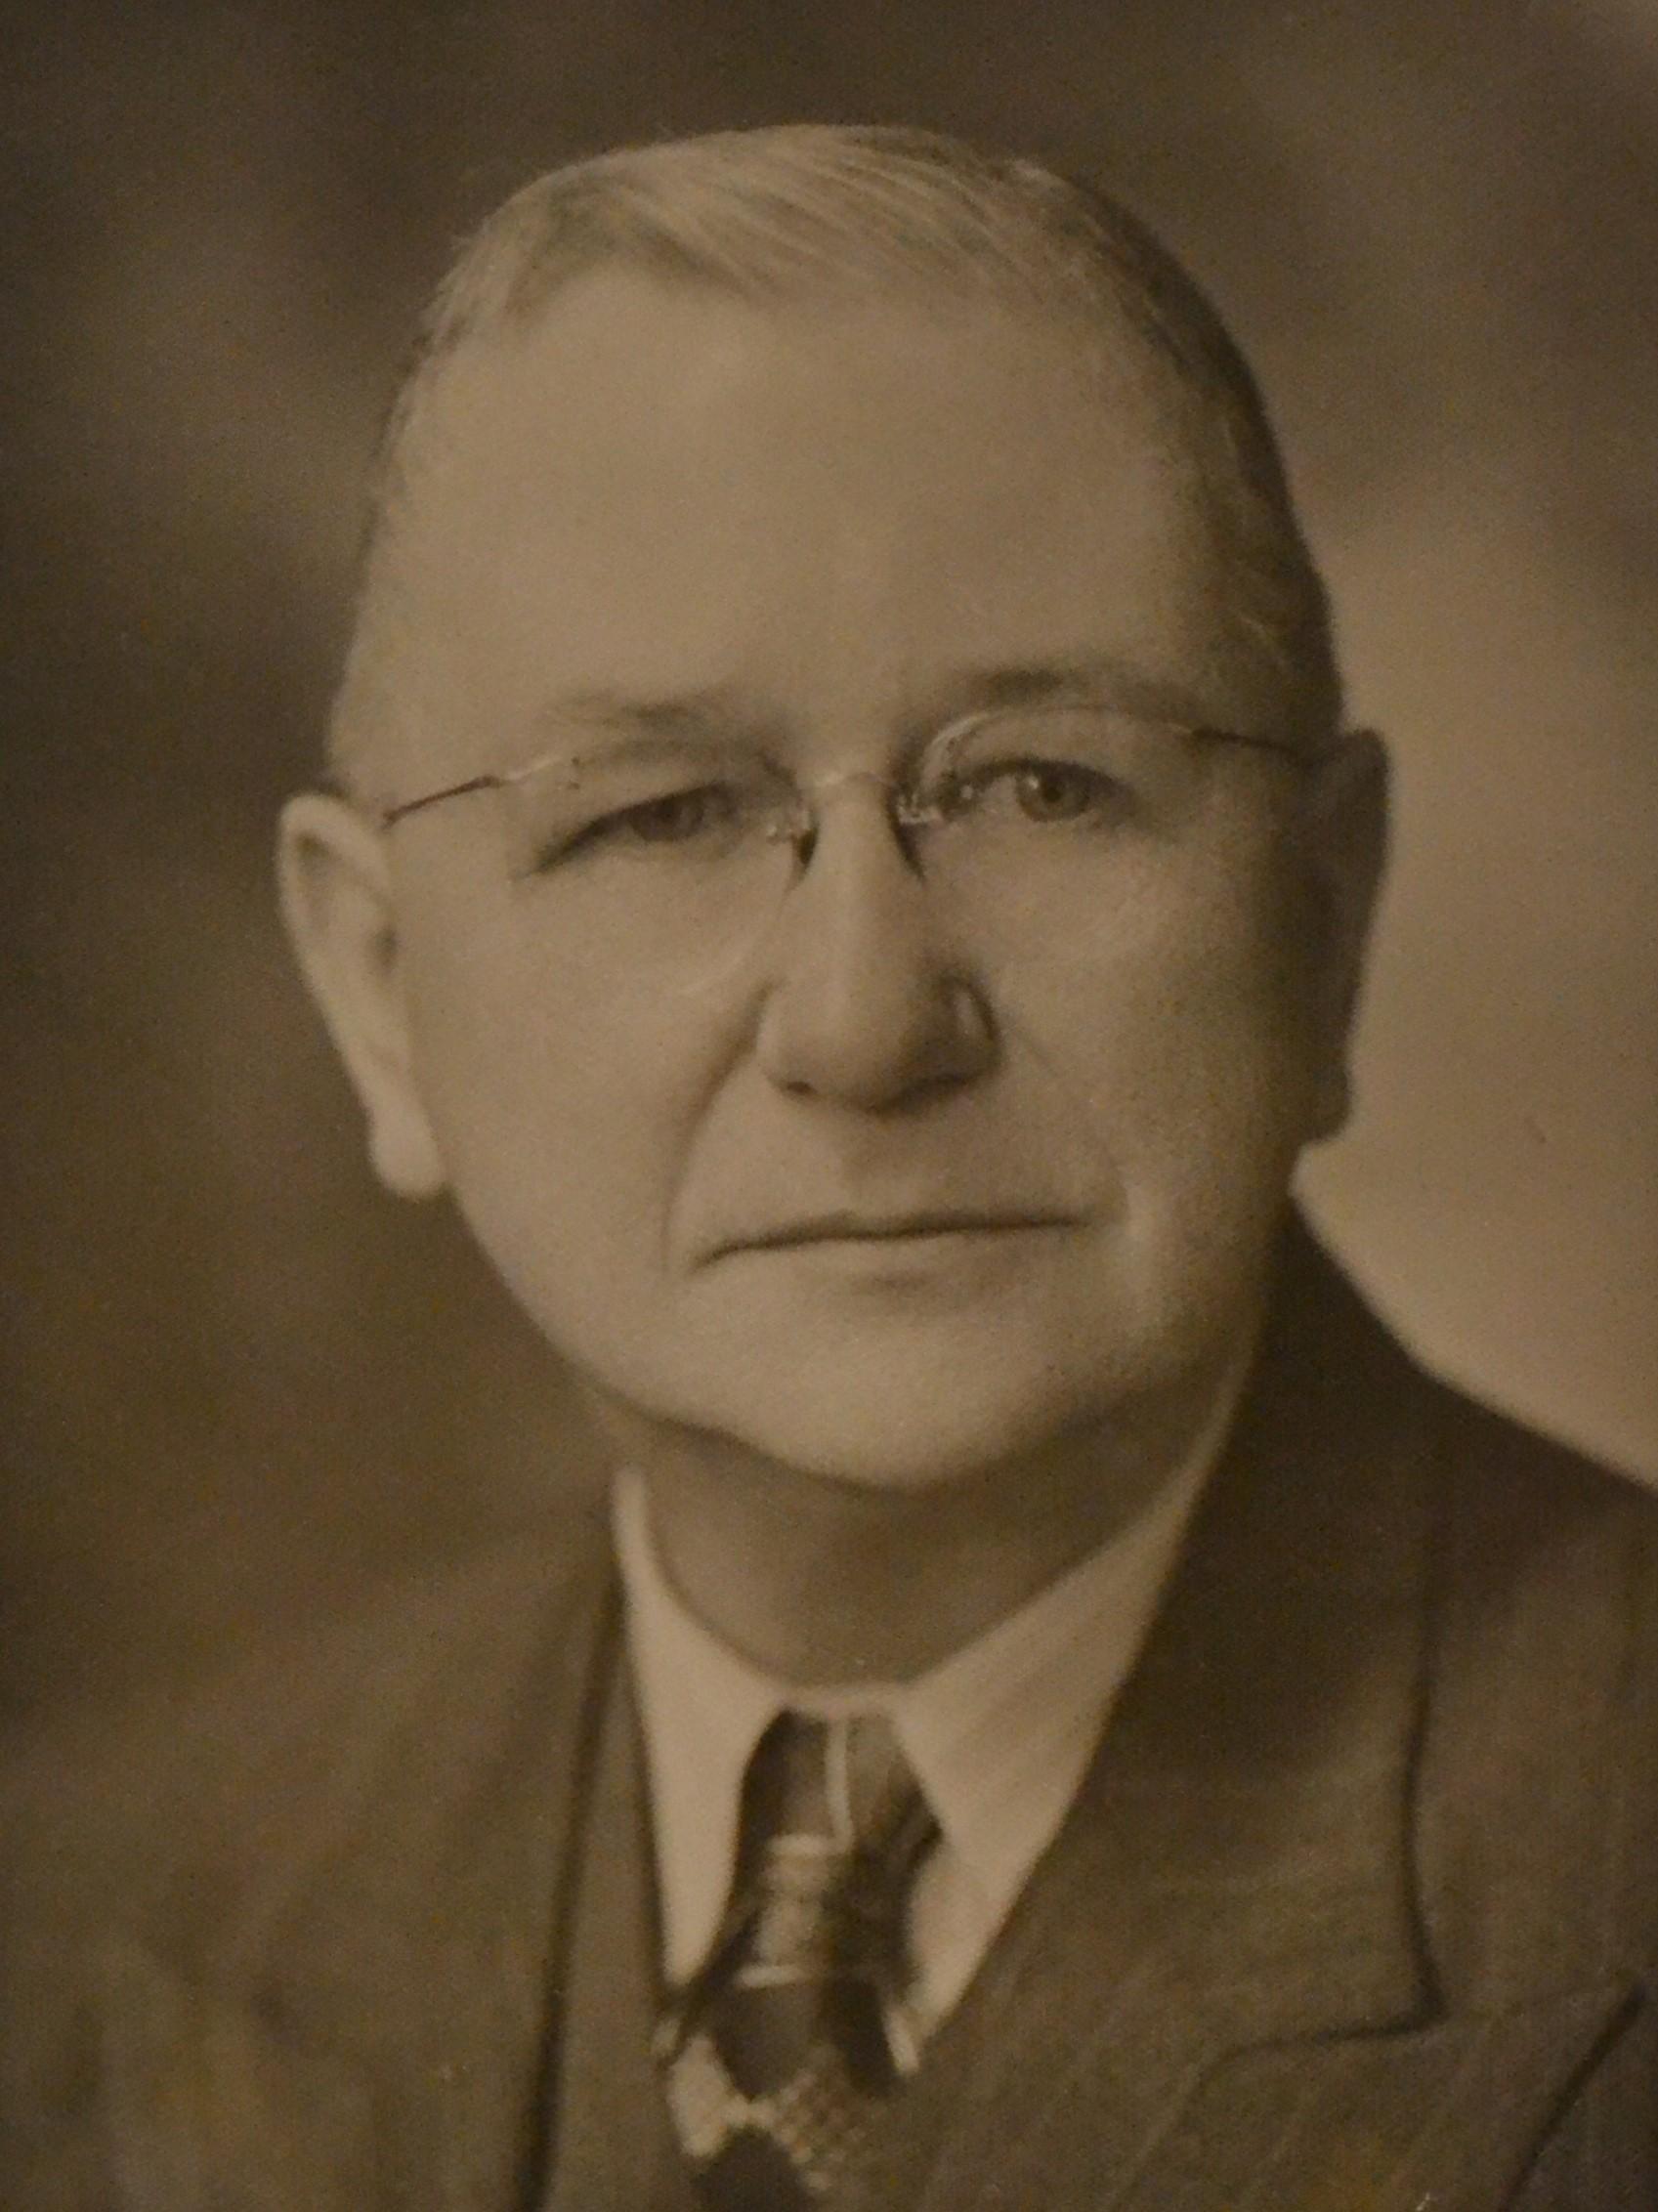 1932-William-Best-1932-1933.1.jpg